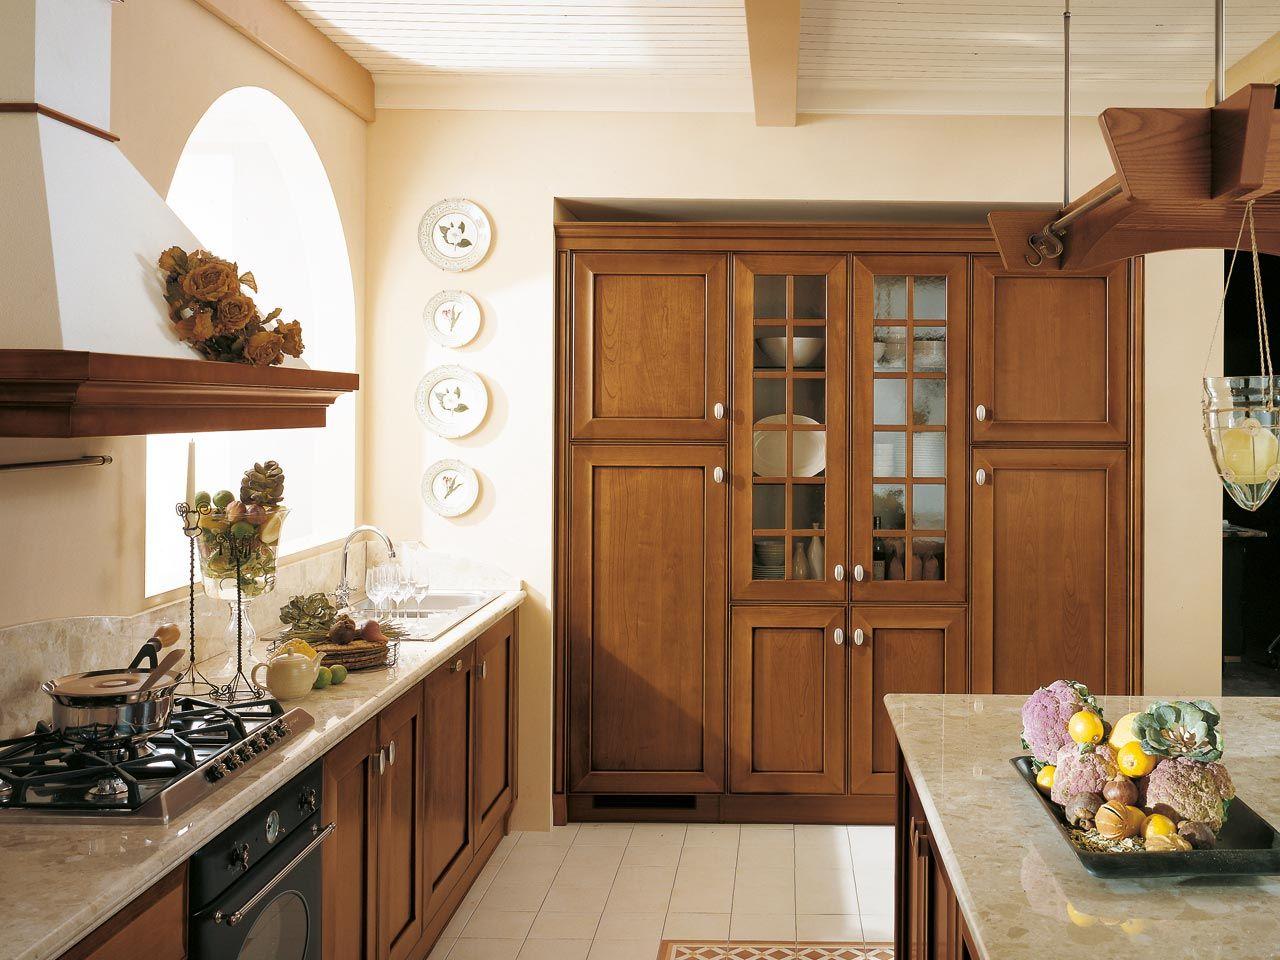 Cucina in legno massello con isola collezione velia ciliegio by cucine lube - Cucina classica con isola ...